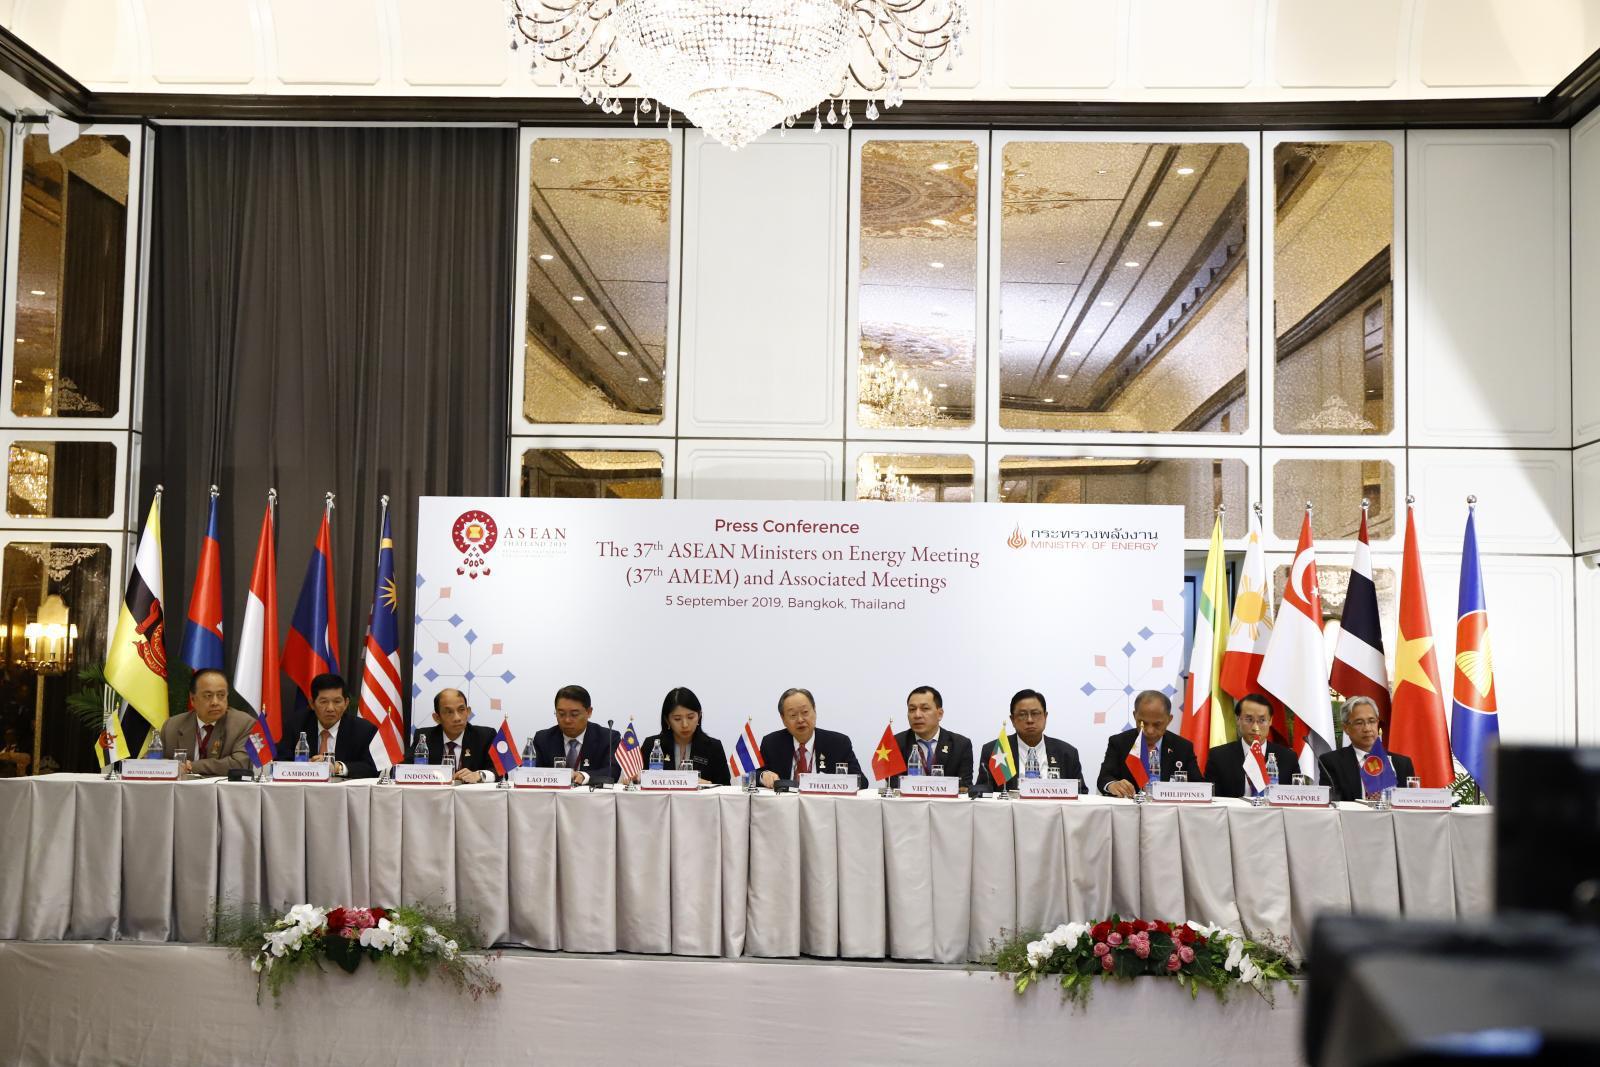 สรุปผลการประชุมรัฐมนตรีอาเซียนด้านพลังงาน ครั้งที่ 37